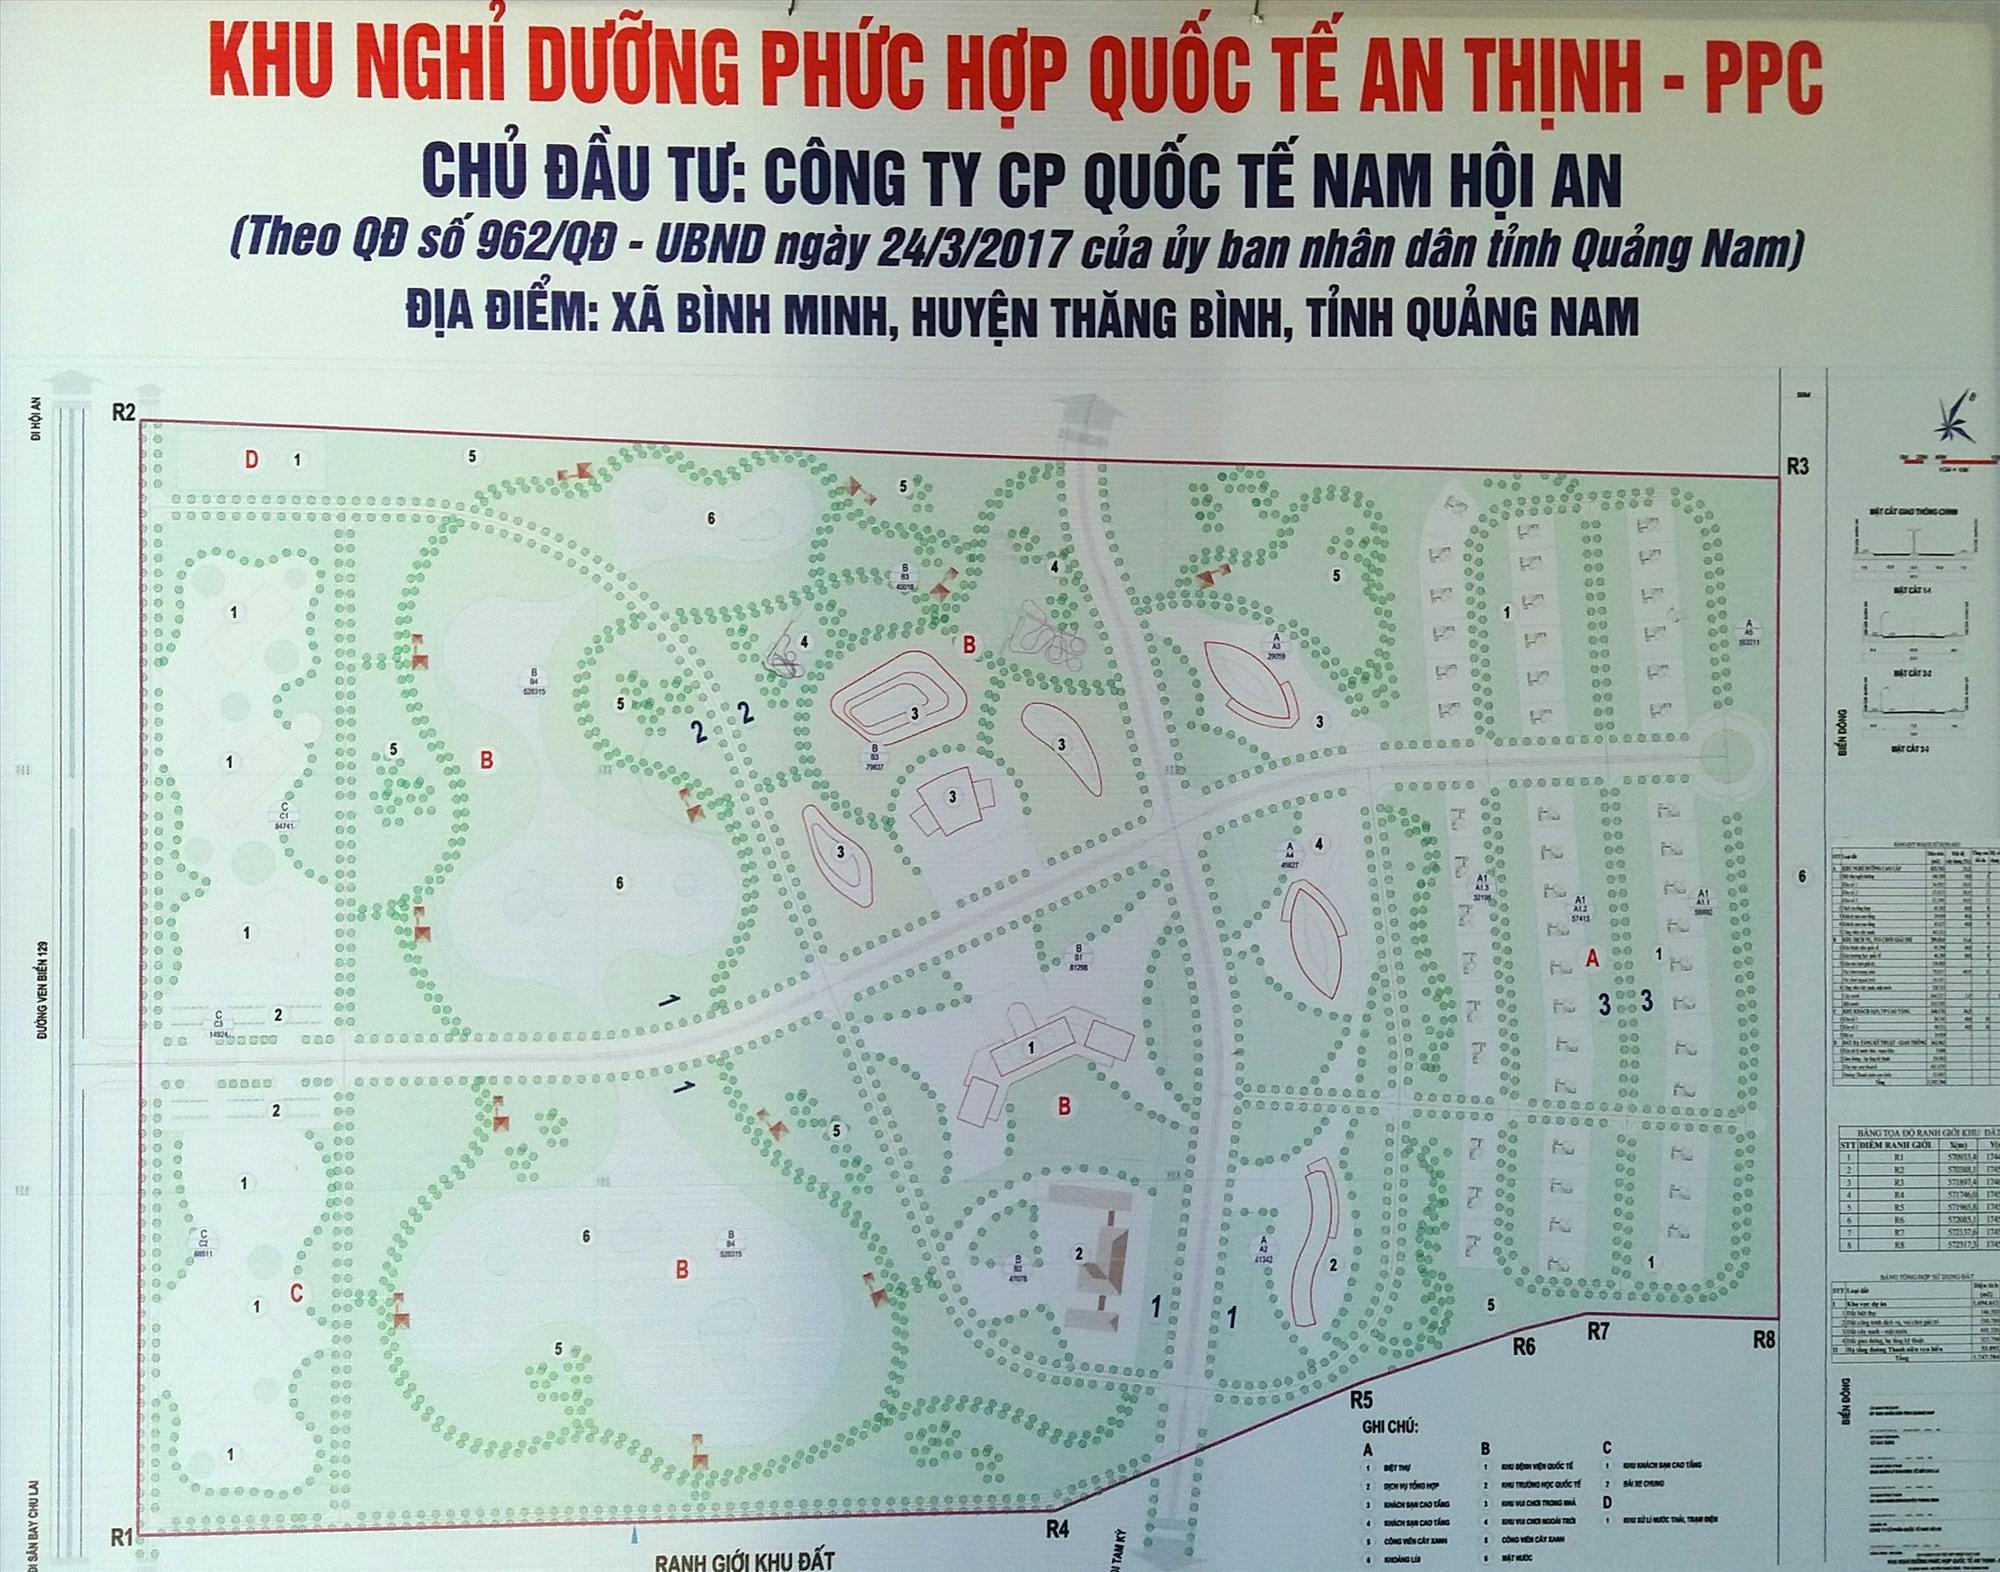 Công bố bản đồ dự án khu nghỉ dưỡng phức hợp quốc tế An Thịnh. Ảnh: T.H